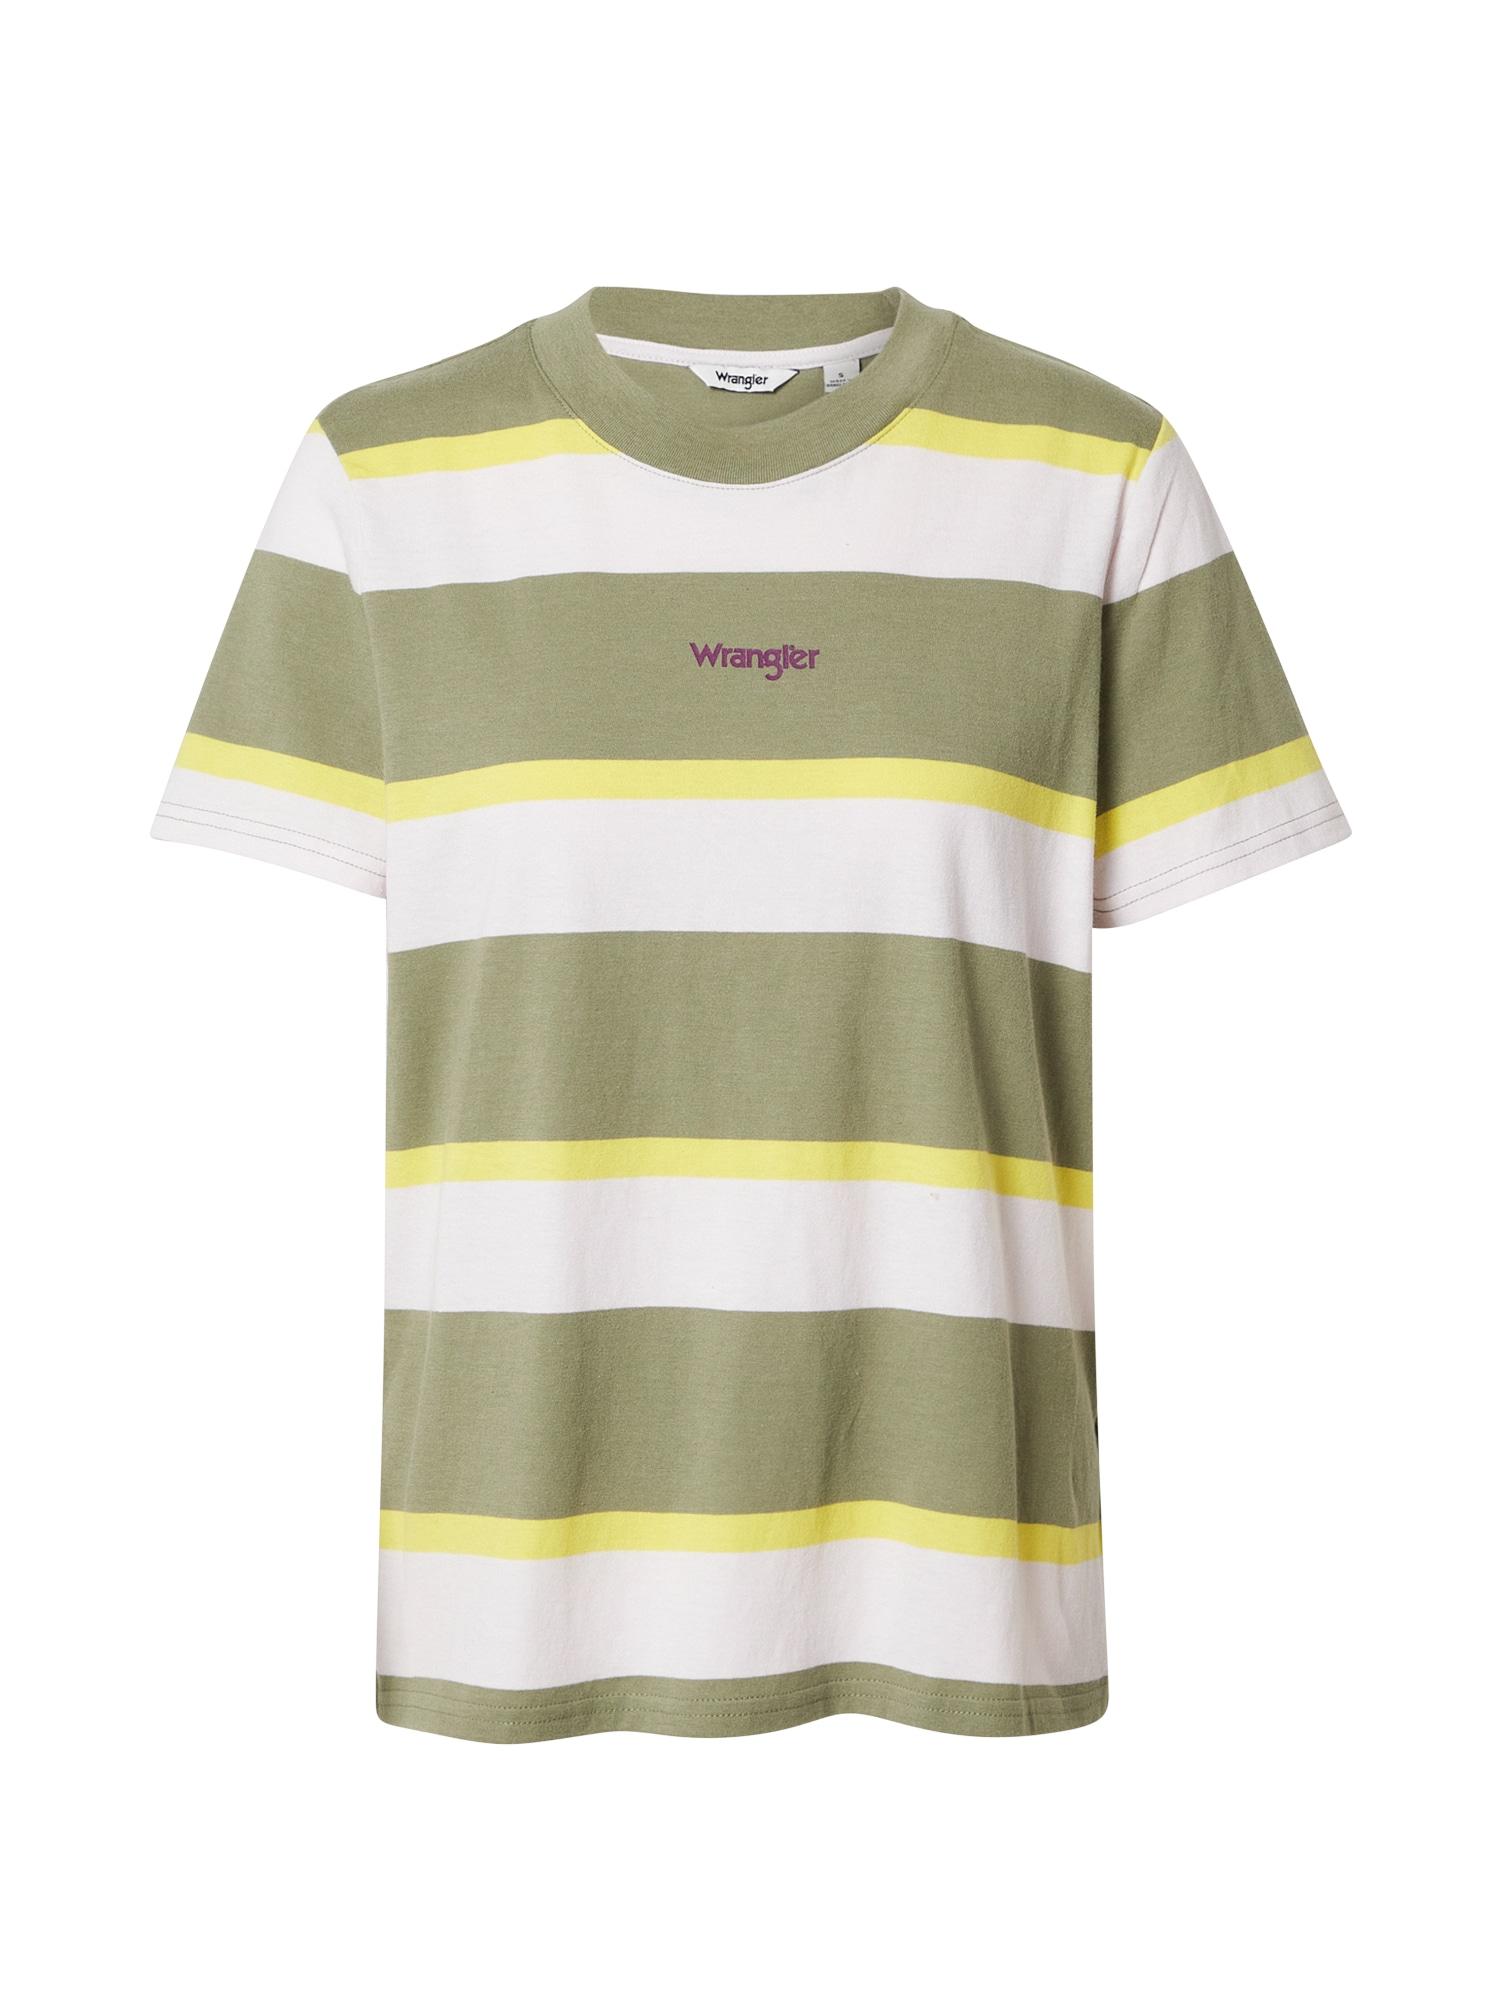 WRANGLER Marškinėliai žalia / balta / geltona